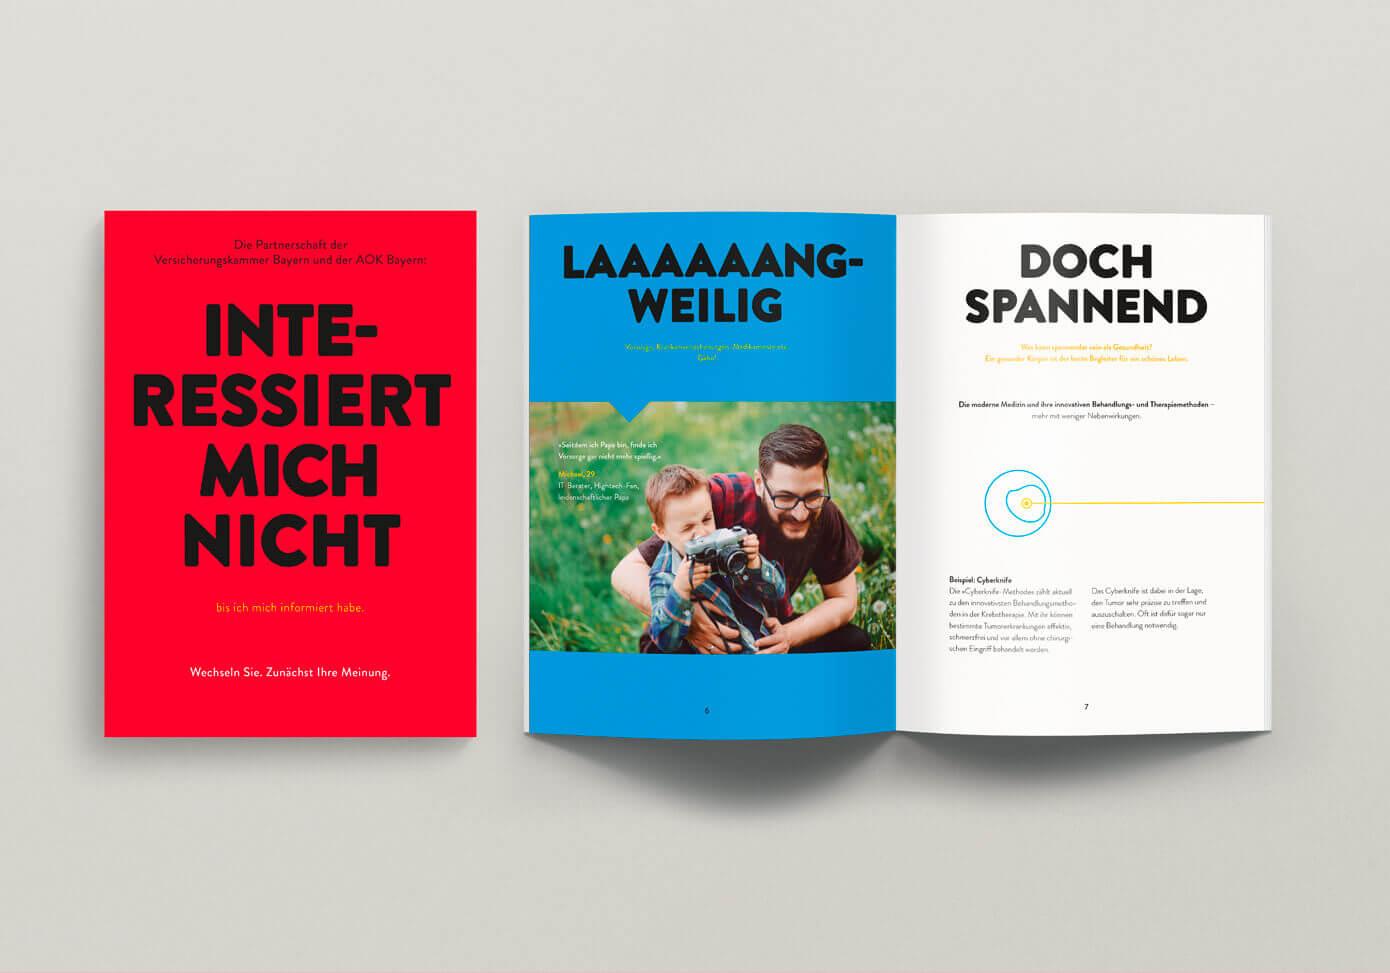 cyclos vkb aok broschuere Marketing Krankenkasse werbeagentur